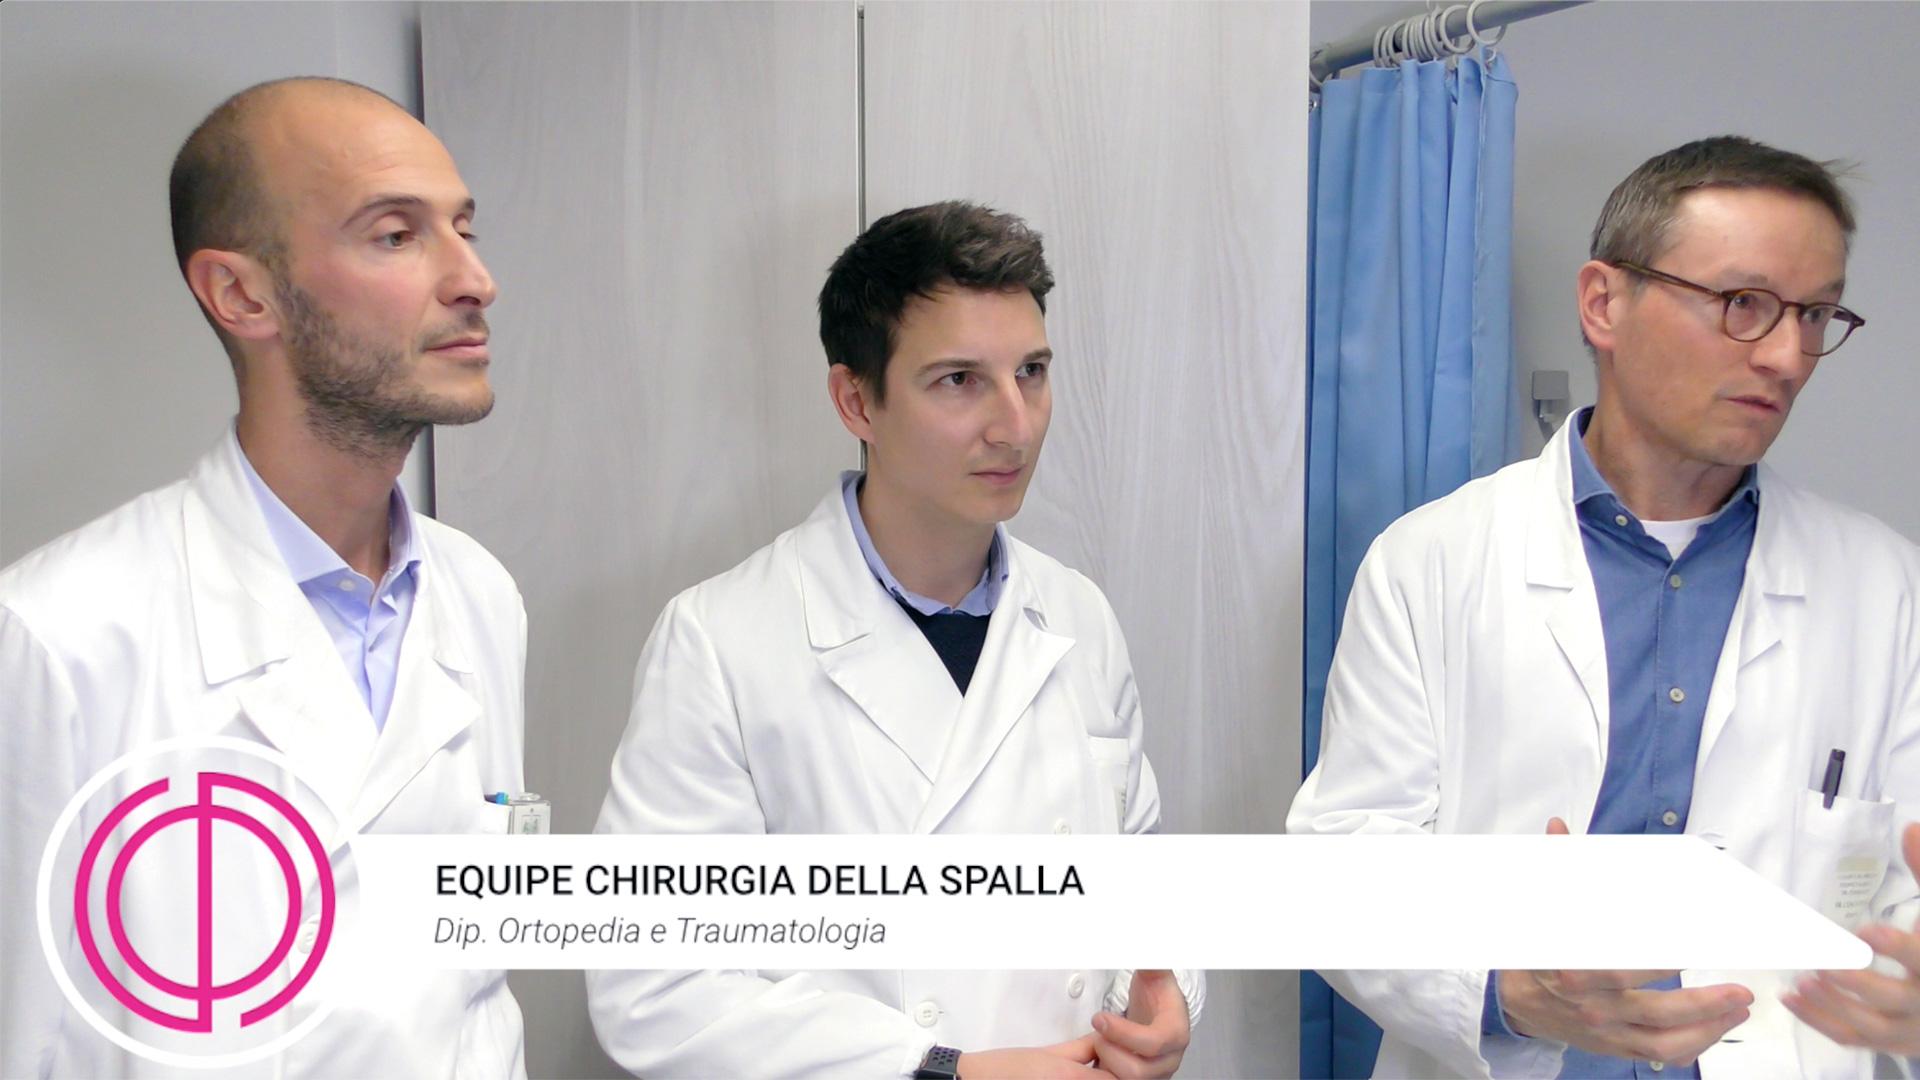 equipe chirurgia della spalla